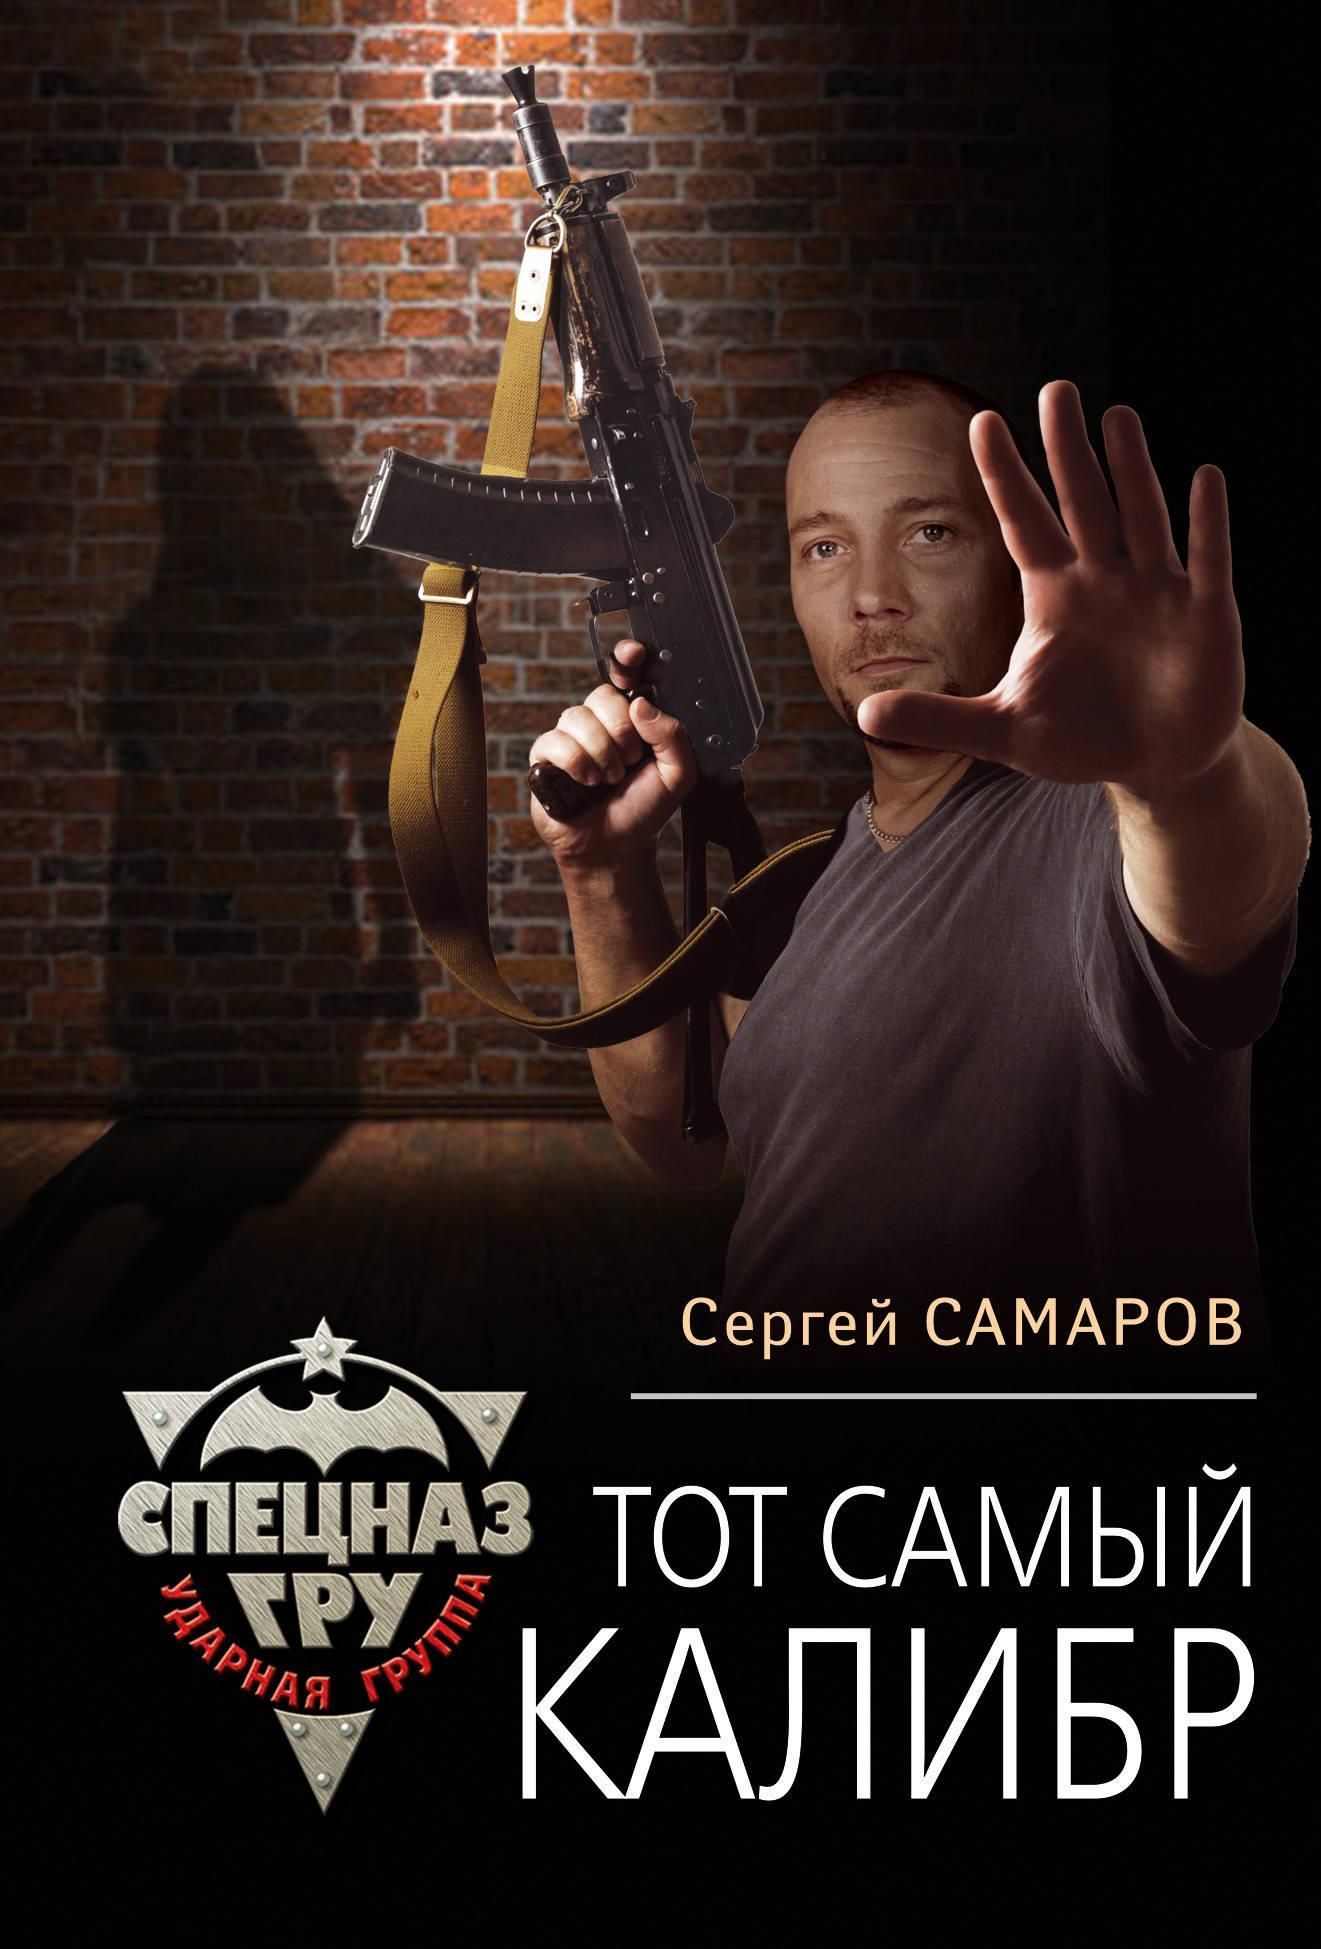 Самаров Сергей Васильевич Тот самый калибр